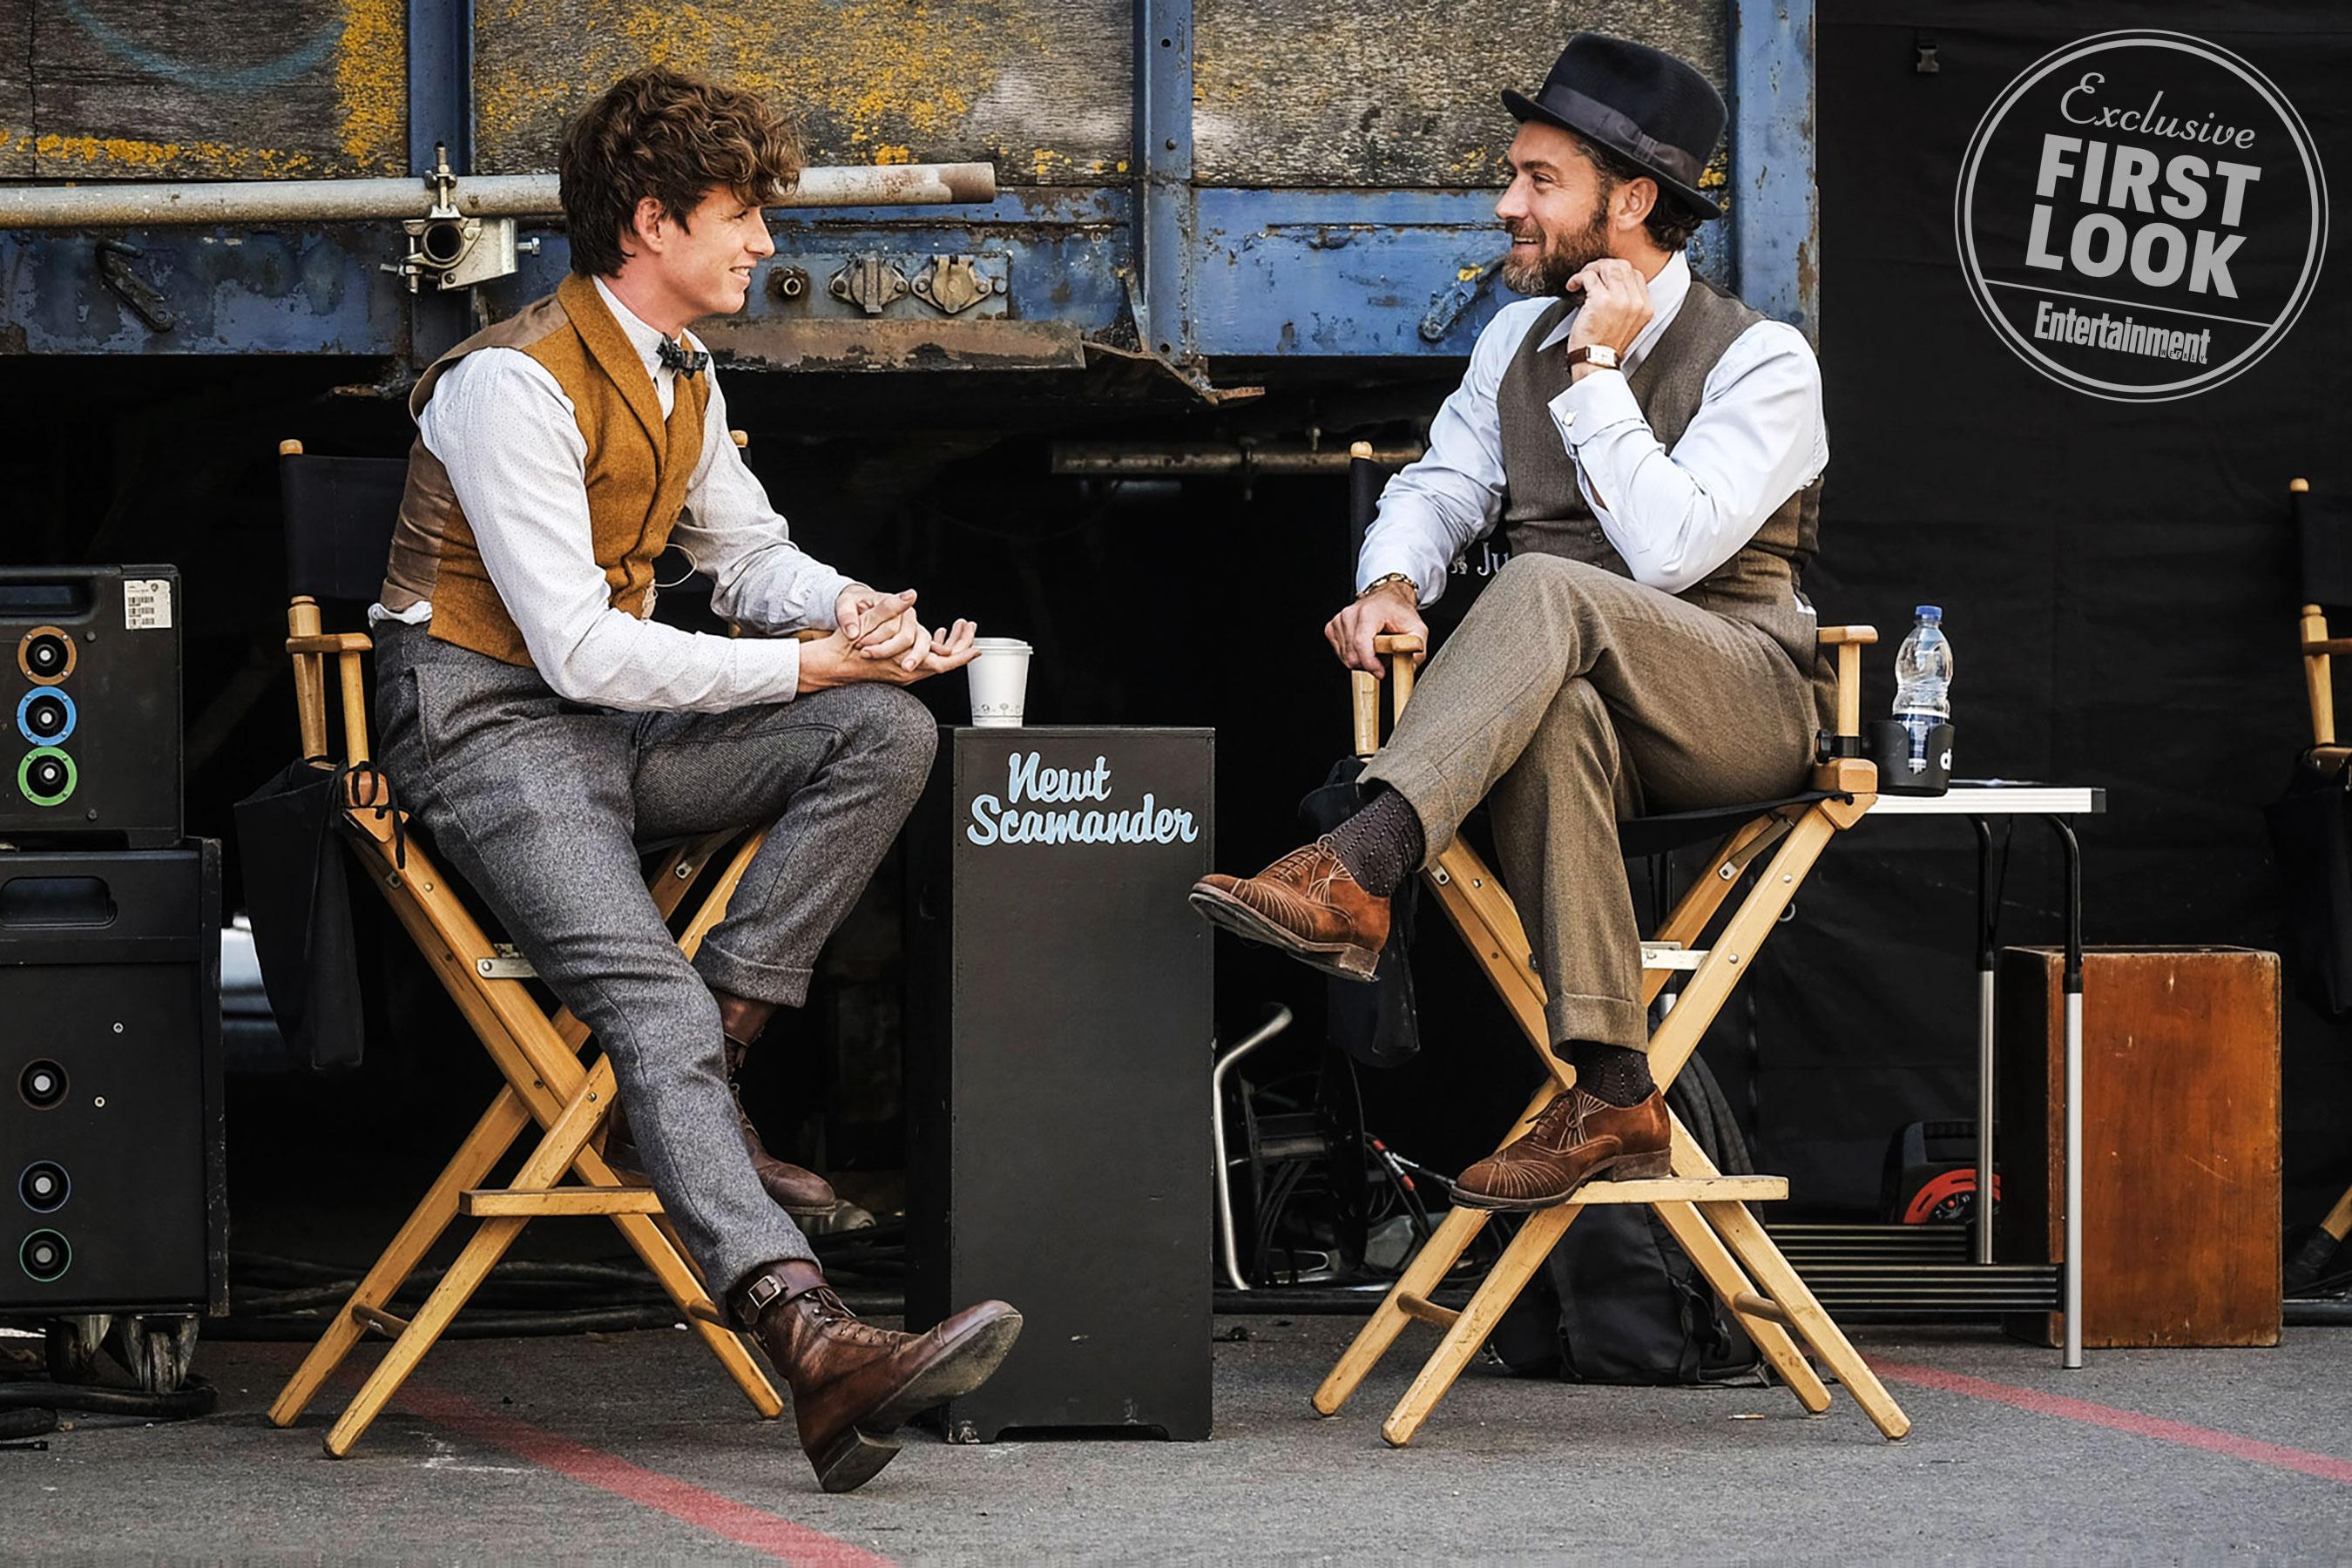 """Eddie Redmayne conversa com Jude Law. Os dois estão sentados em cadeiras dobráveis típicas de estúdio de cinema. Do lado esquerdo de Eddie Redmayne, vemos um equipamento de som. Por trás dos dois atores, há um fundo preto e algo que se assemelha a uma porta de caminhão, com uma tranca. Entre os dois homens, há uma bancada com o nome """"Newt Scamander"""" escrito em uma fonte jovial. Nela, está disposto um copo térmico. Do lado direito de Jude Law, vemos uma garrafa de água em uma bancada diferente. Eddie Redmayne está vestido com as roupas tradicionais de Newt (mas sem o sobretudo). Jude Law está com uma roupa similar (calça social e colete por cima de uma camisa branca, mas com cores mais sóbrias. Além disso, ele está com um chapéu fedora de cor preta."""